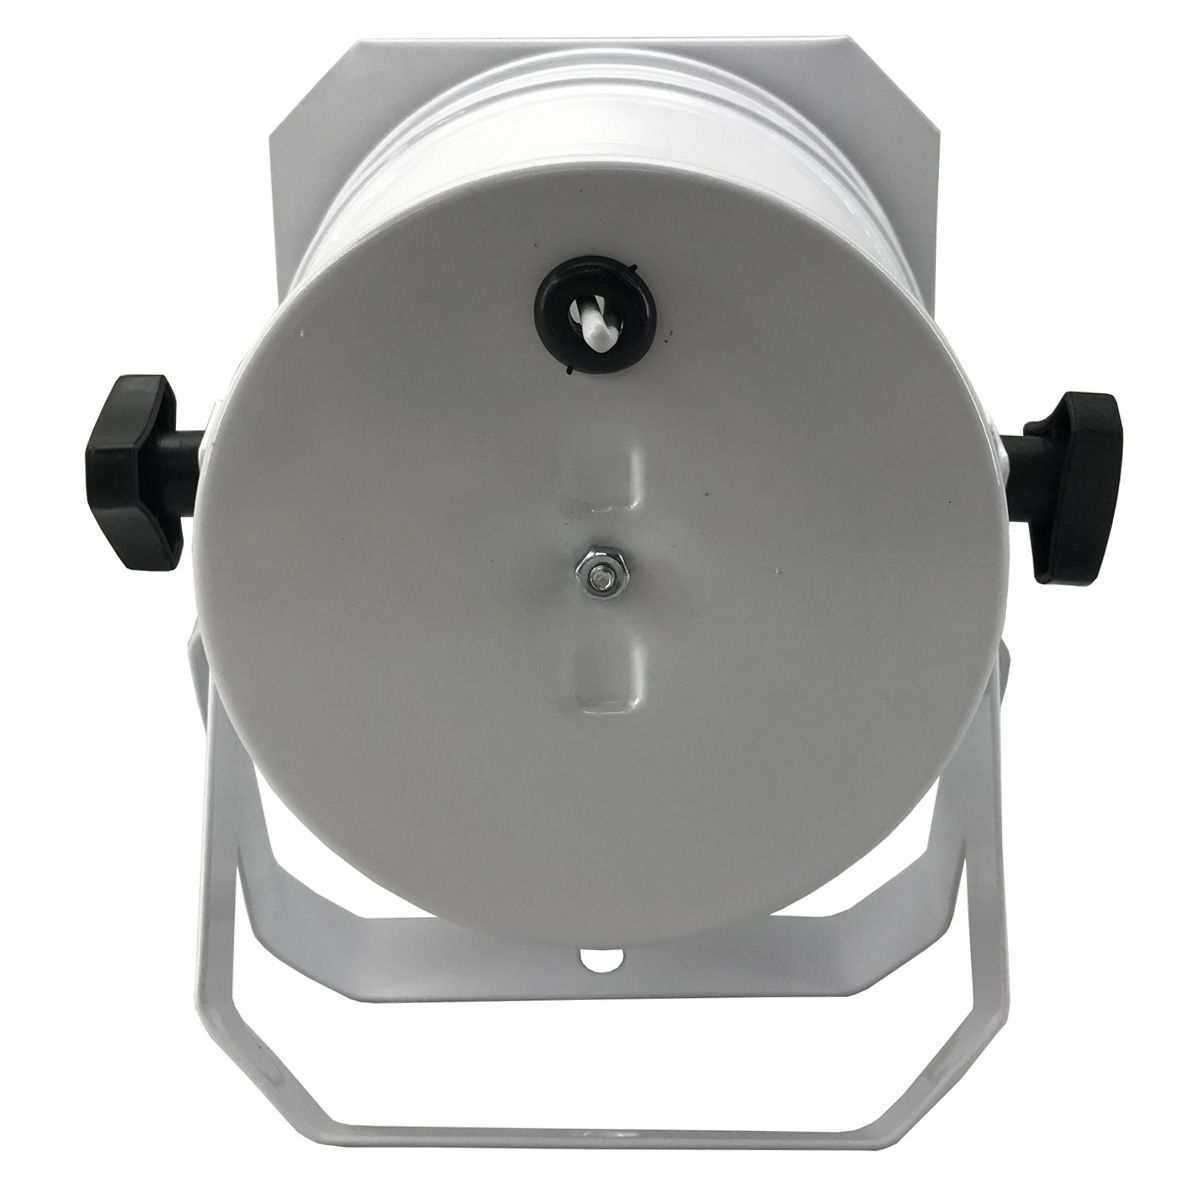 Kit 6 Unidades - Canhão Spot Par 38 Branco Alça Dupla - Volt  - RS Som e Luz!